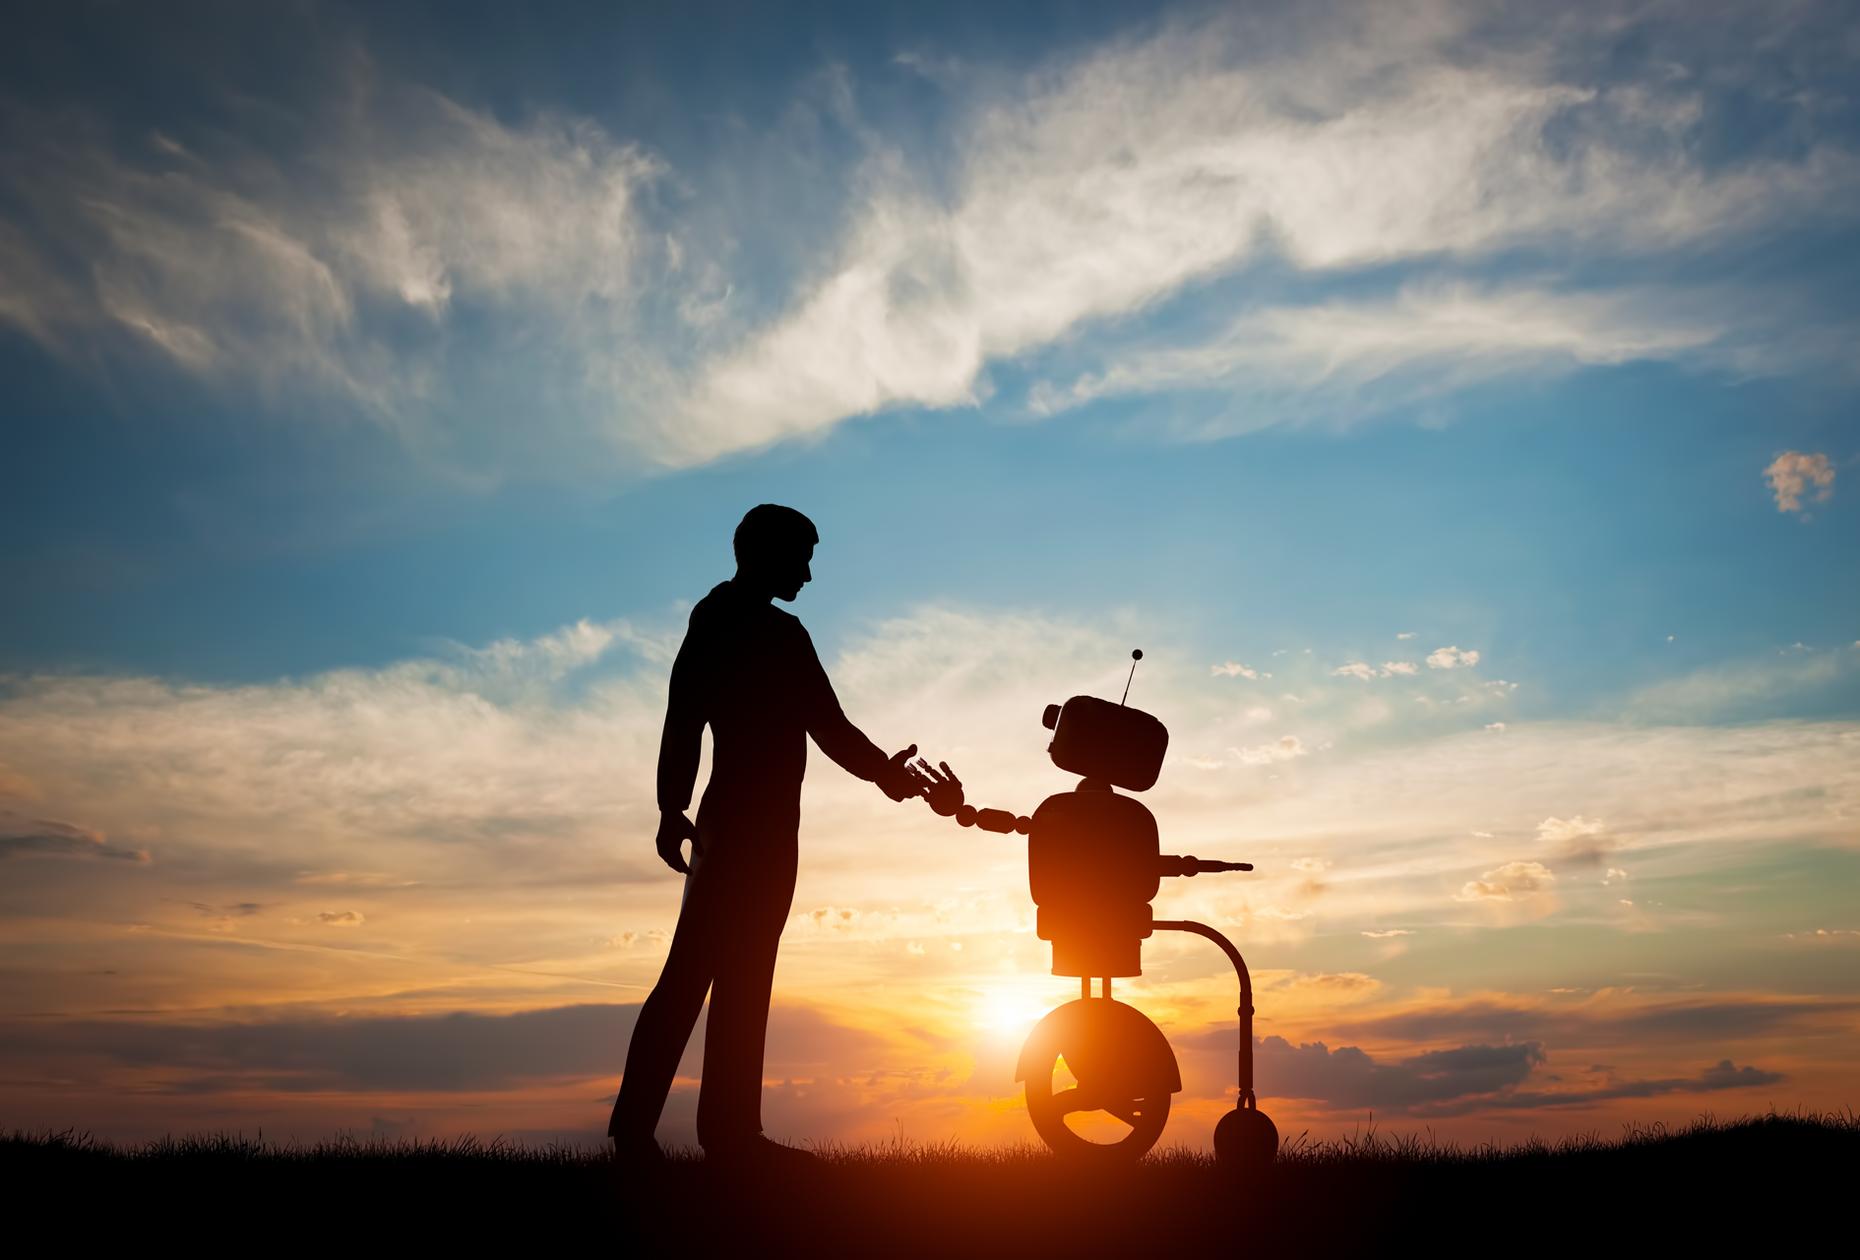 人工知能(AI)に人間は勝てるか?囲碁や将棋から見る今後の動向